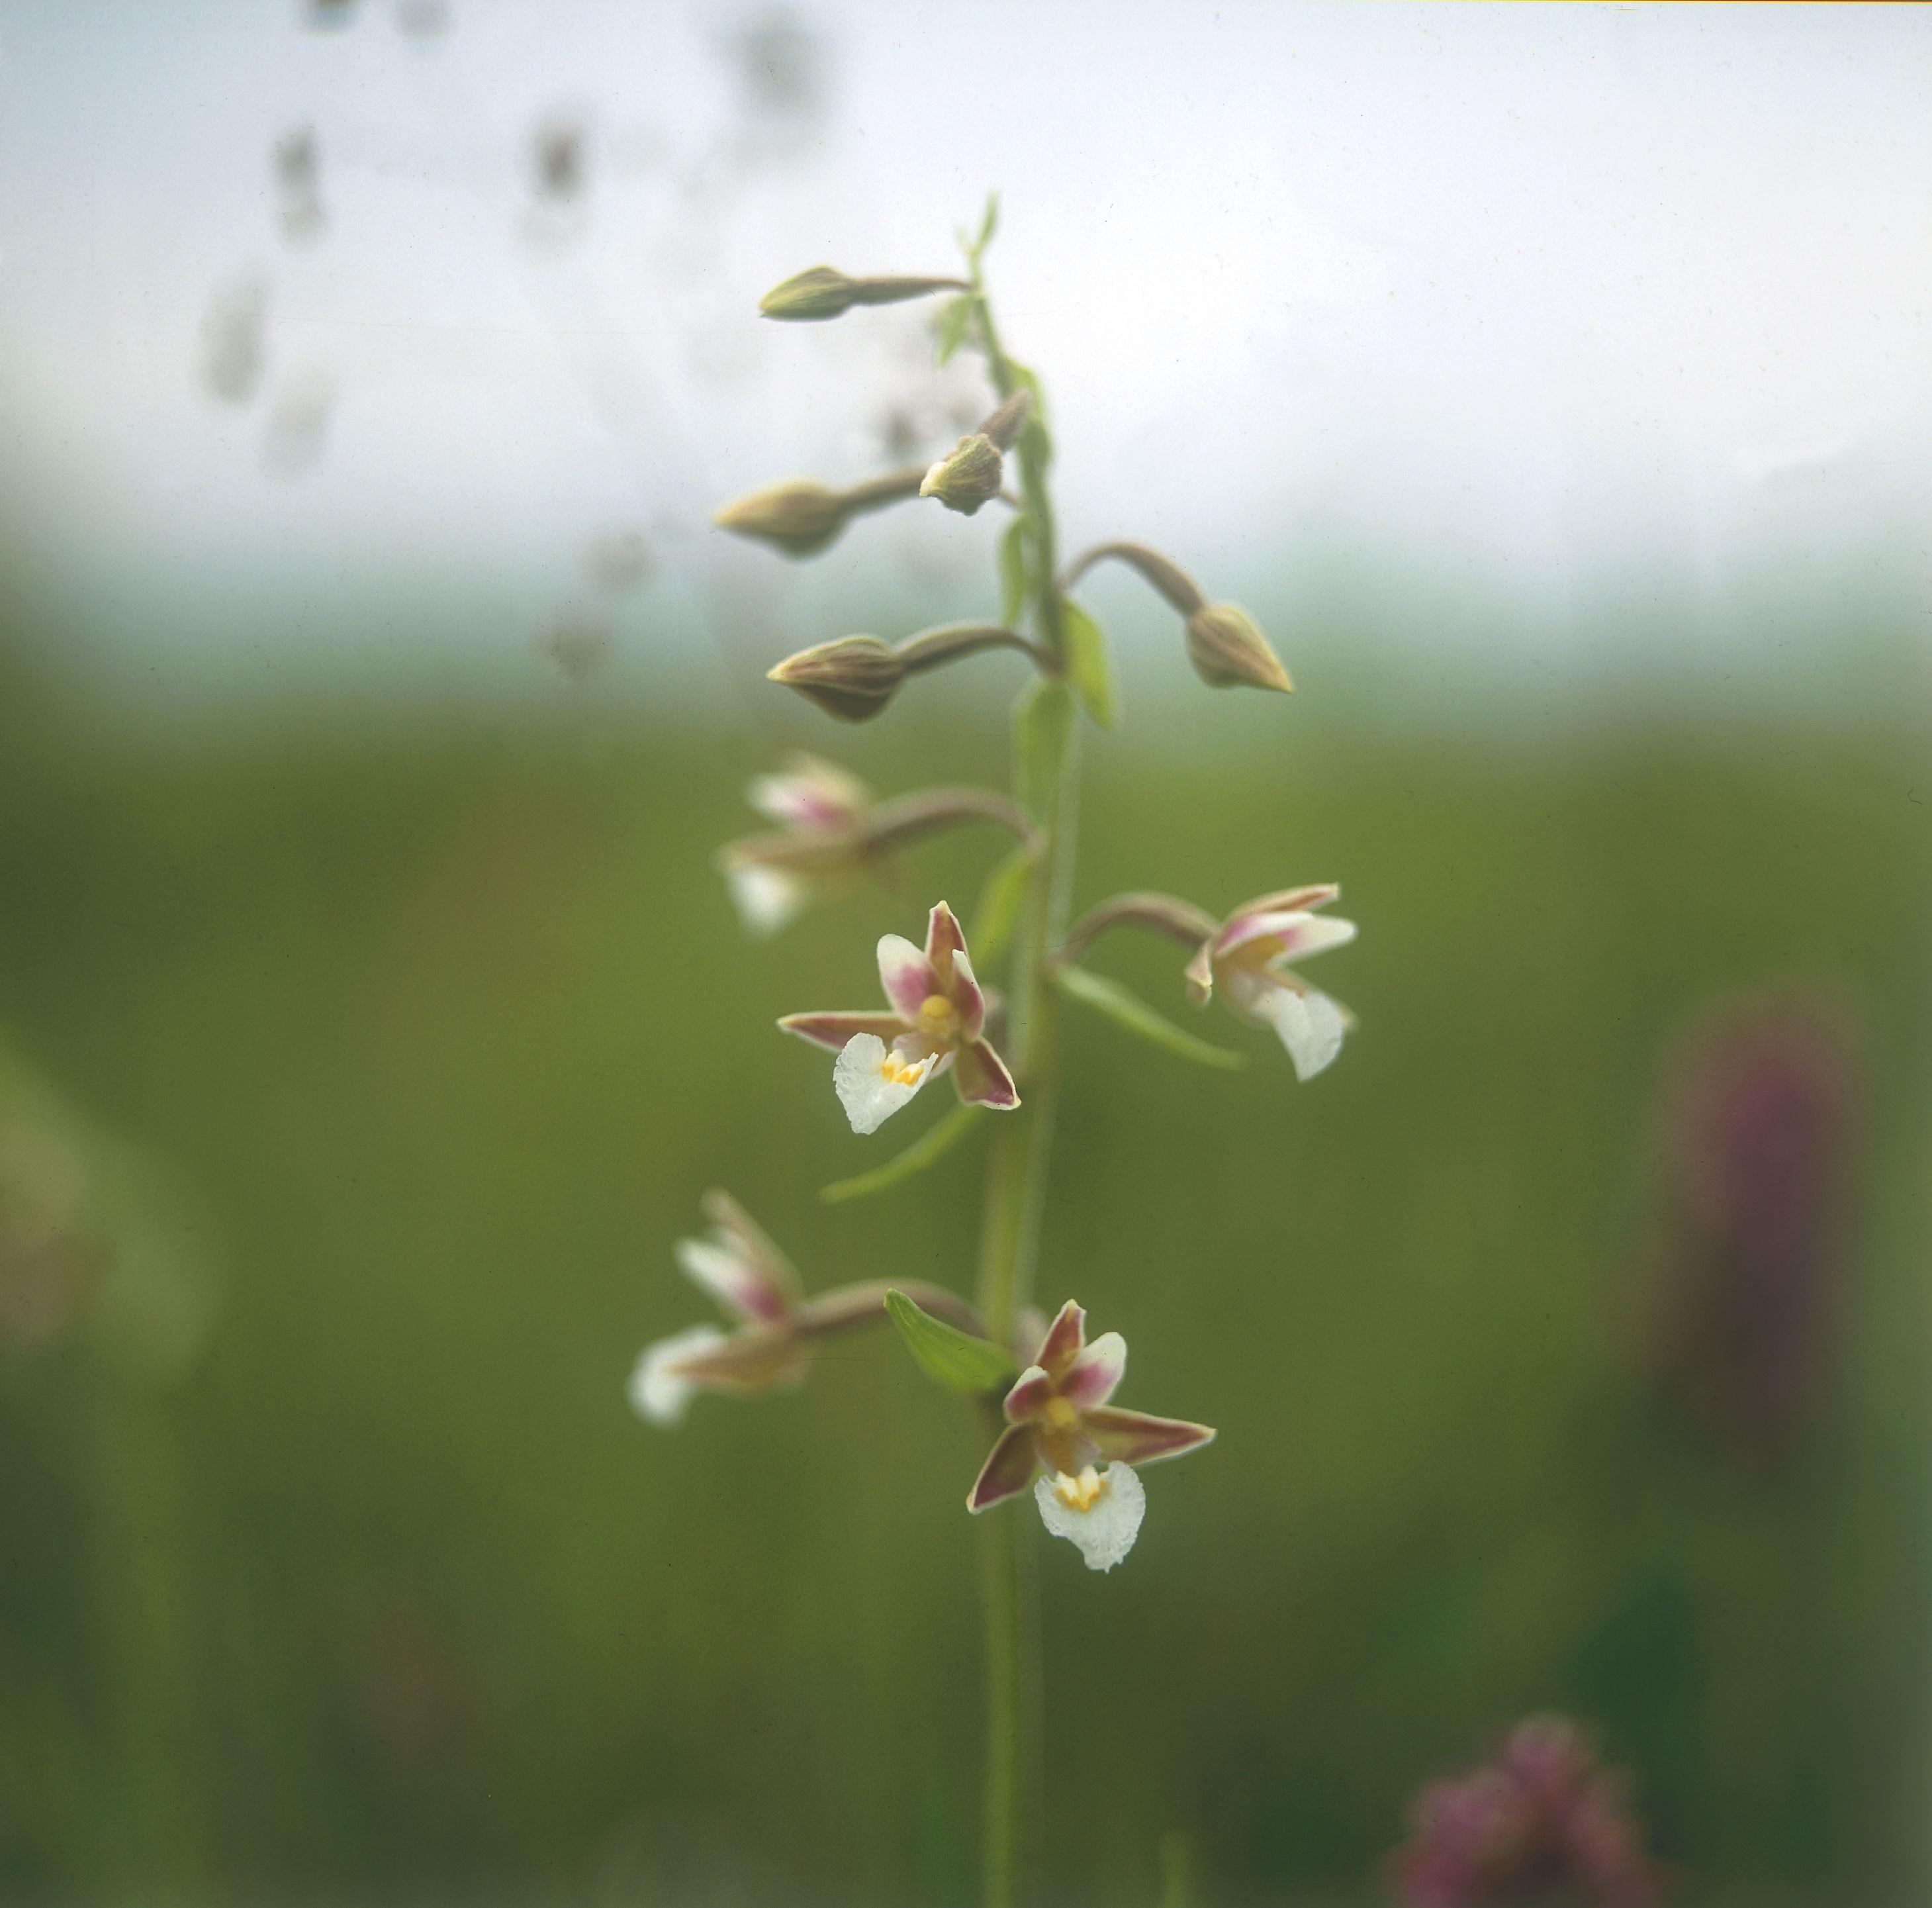 Lindreservatet - ängar och blommande lind.